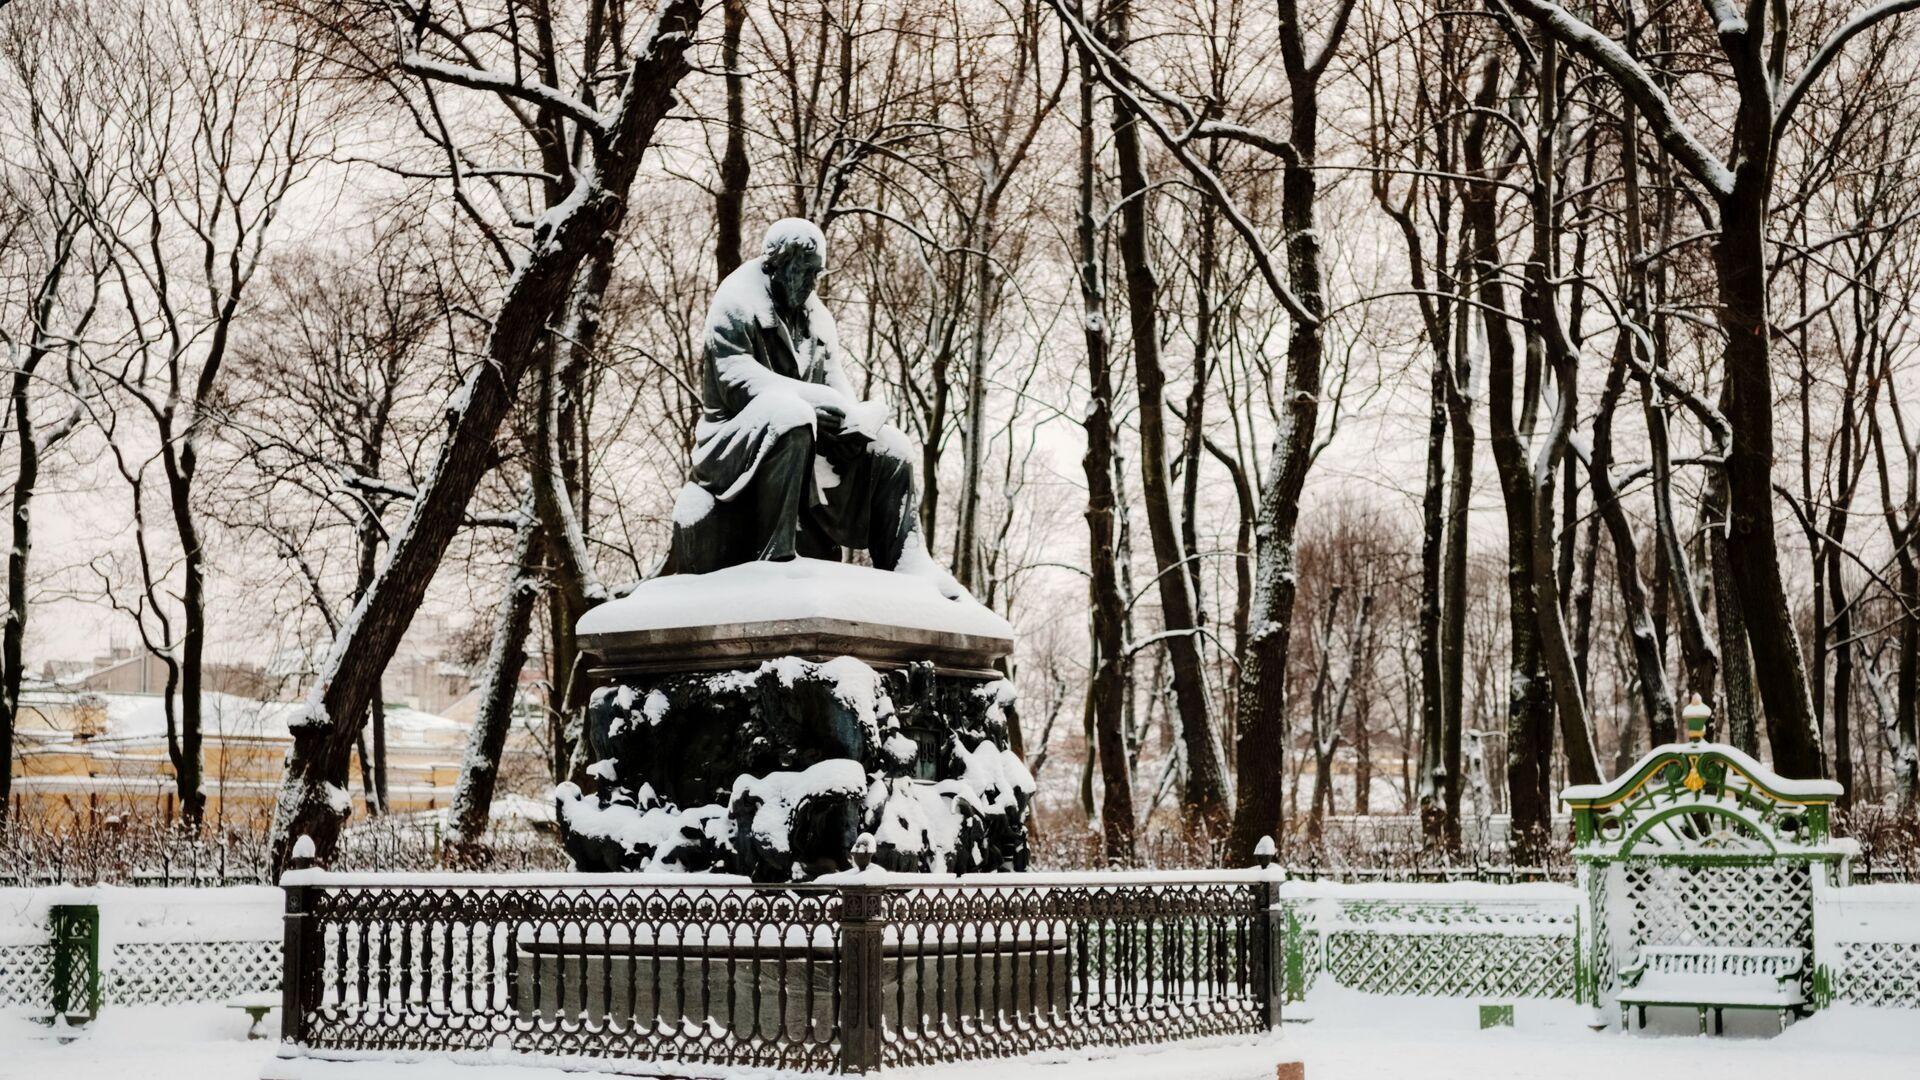 Памятник поэту, баснописцу И.А. Крылову в Летнем саду зимой в Санкт-Петербурге - РИА Новости, 1920, 26.11.2020